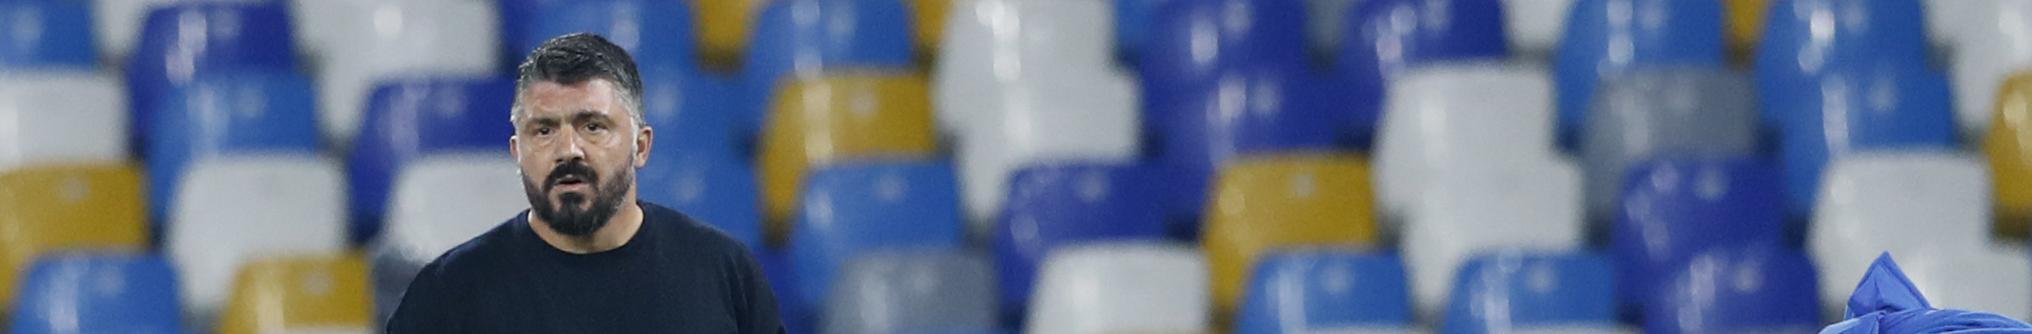 Quote Napoli-Rijeka: senza tre titolari Gattuso cerca vittoria e prestazione